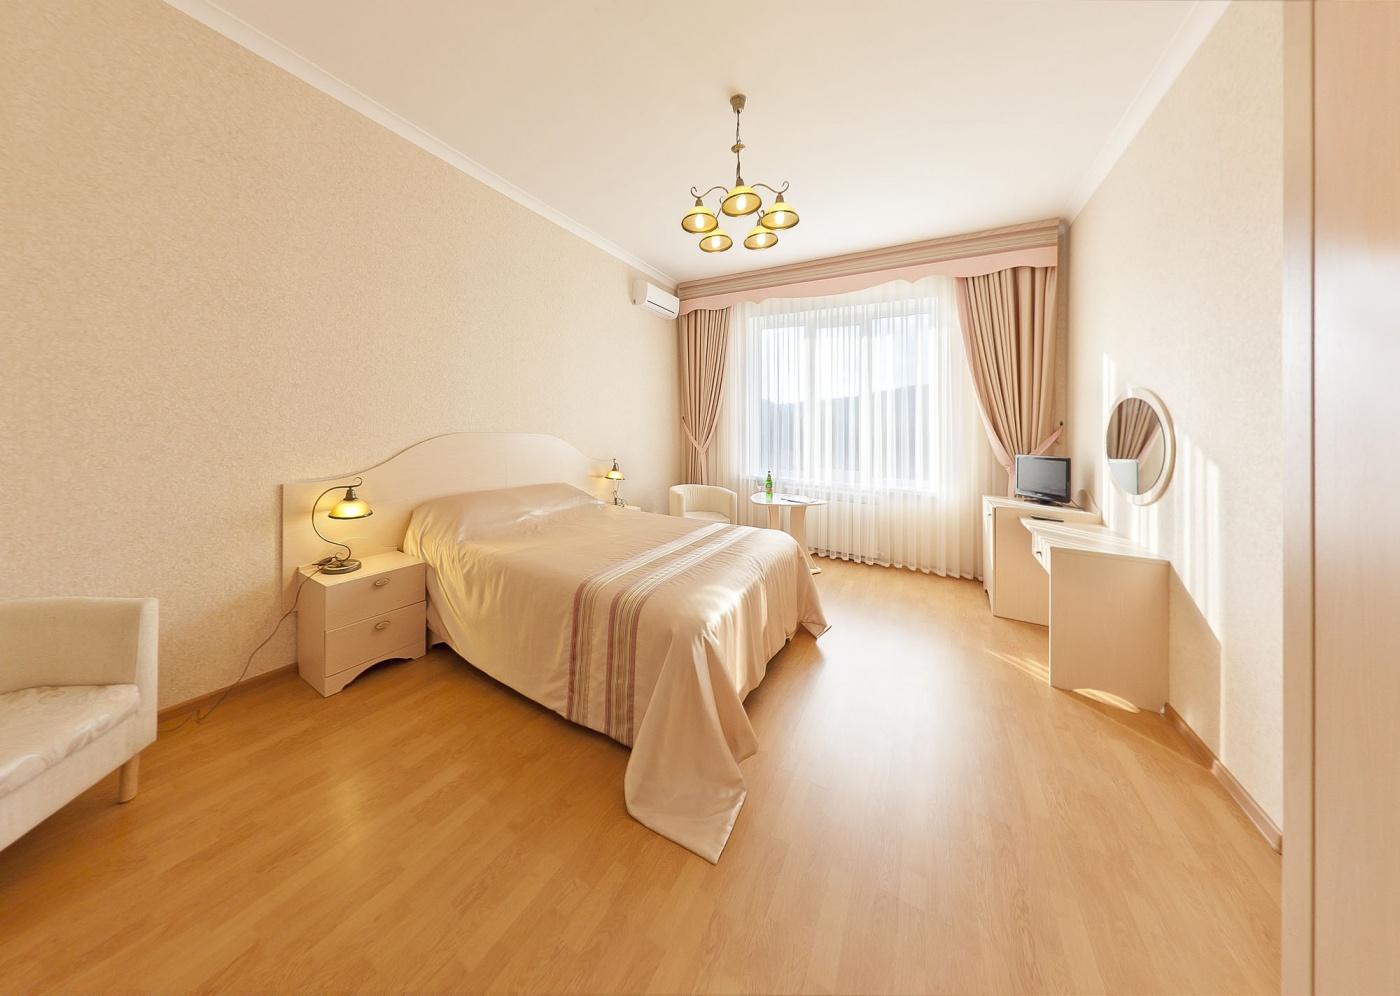 Отель «Бонжур» Краснодарский край Люкс 2-комнатный , фото 1